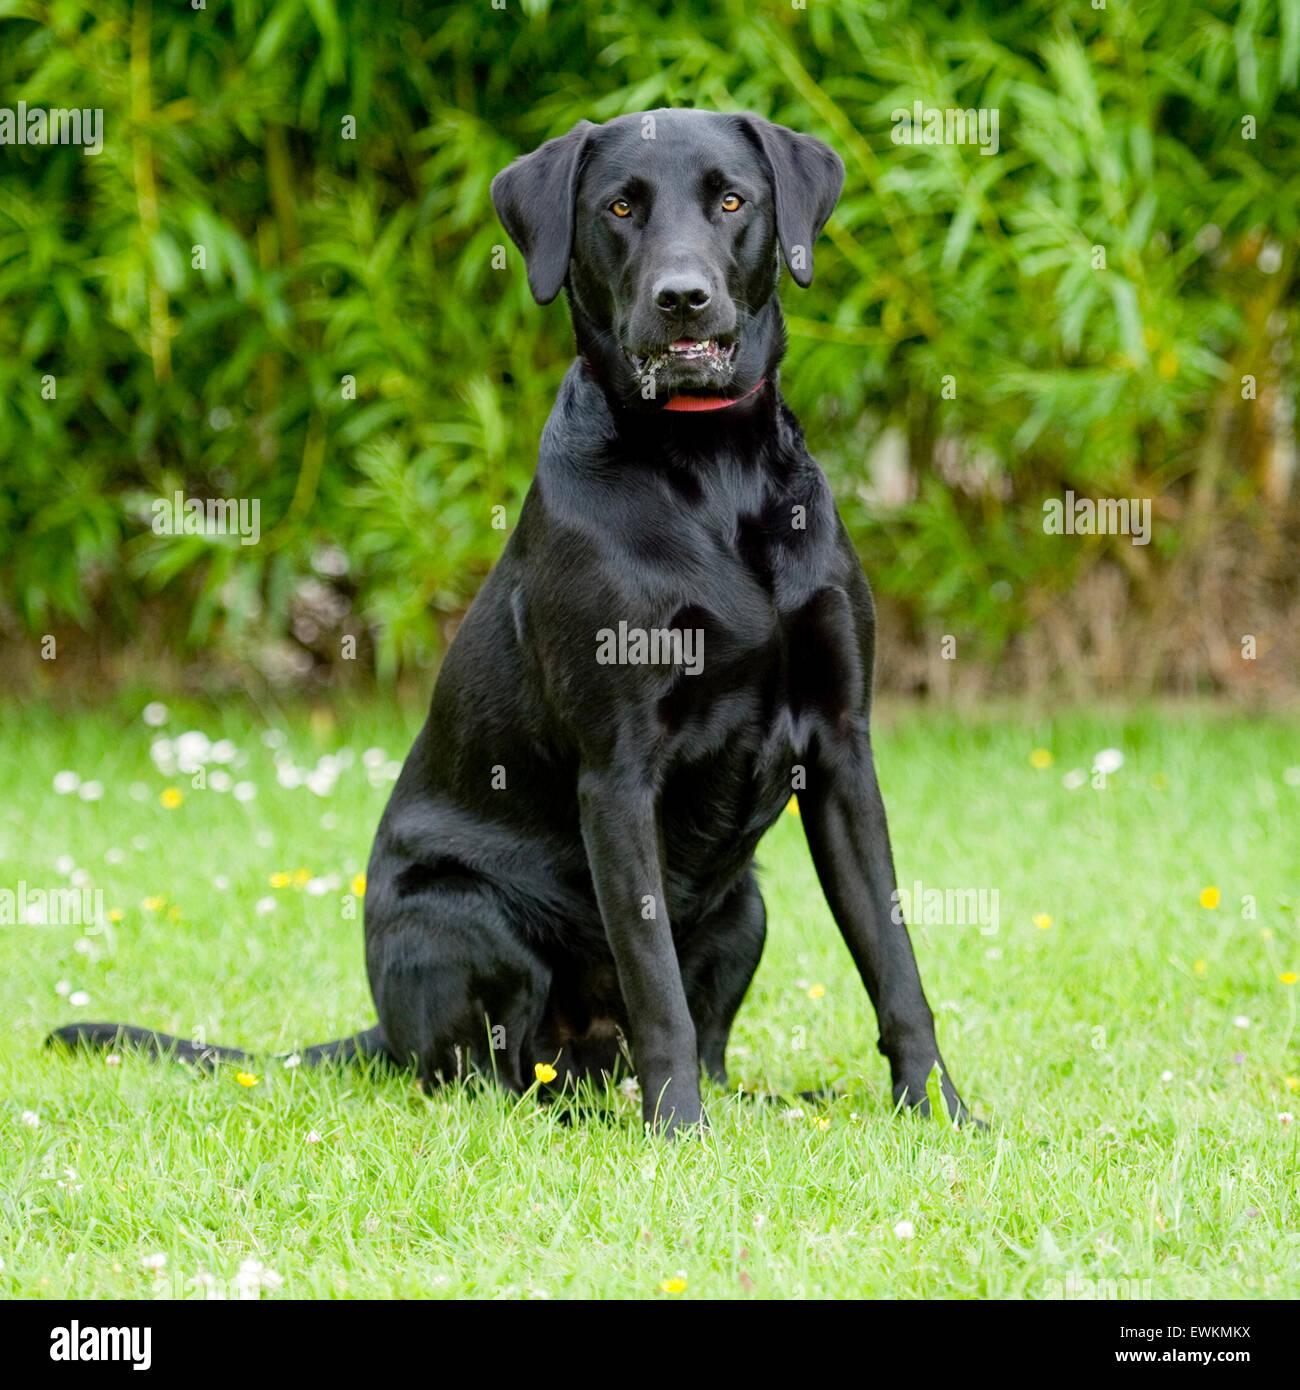 black labrador retriever - Stock Image